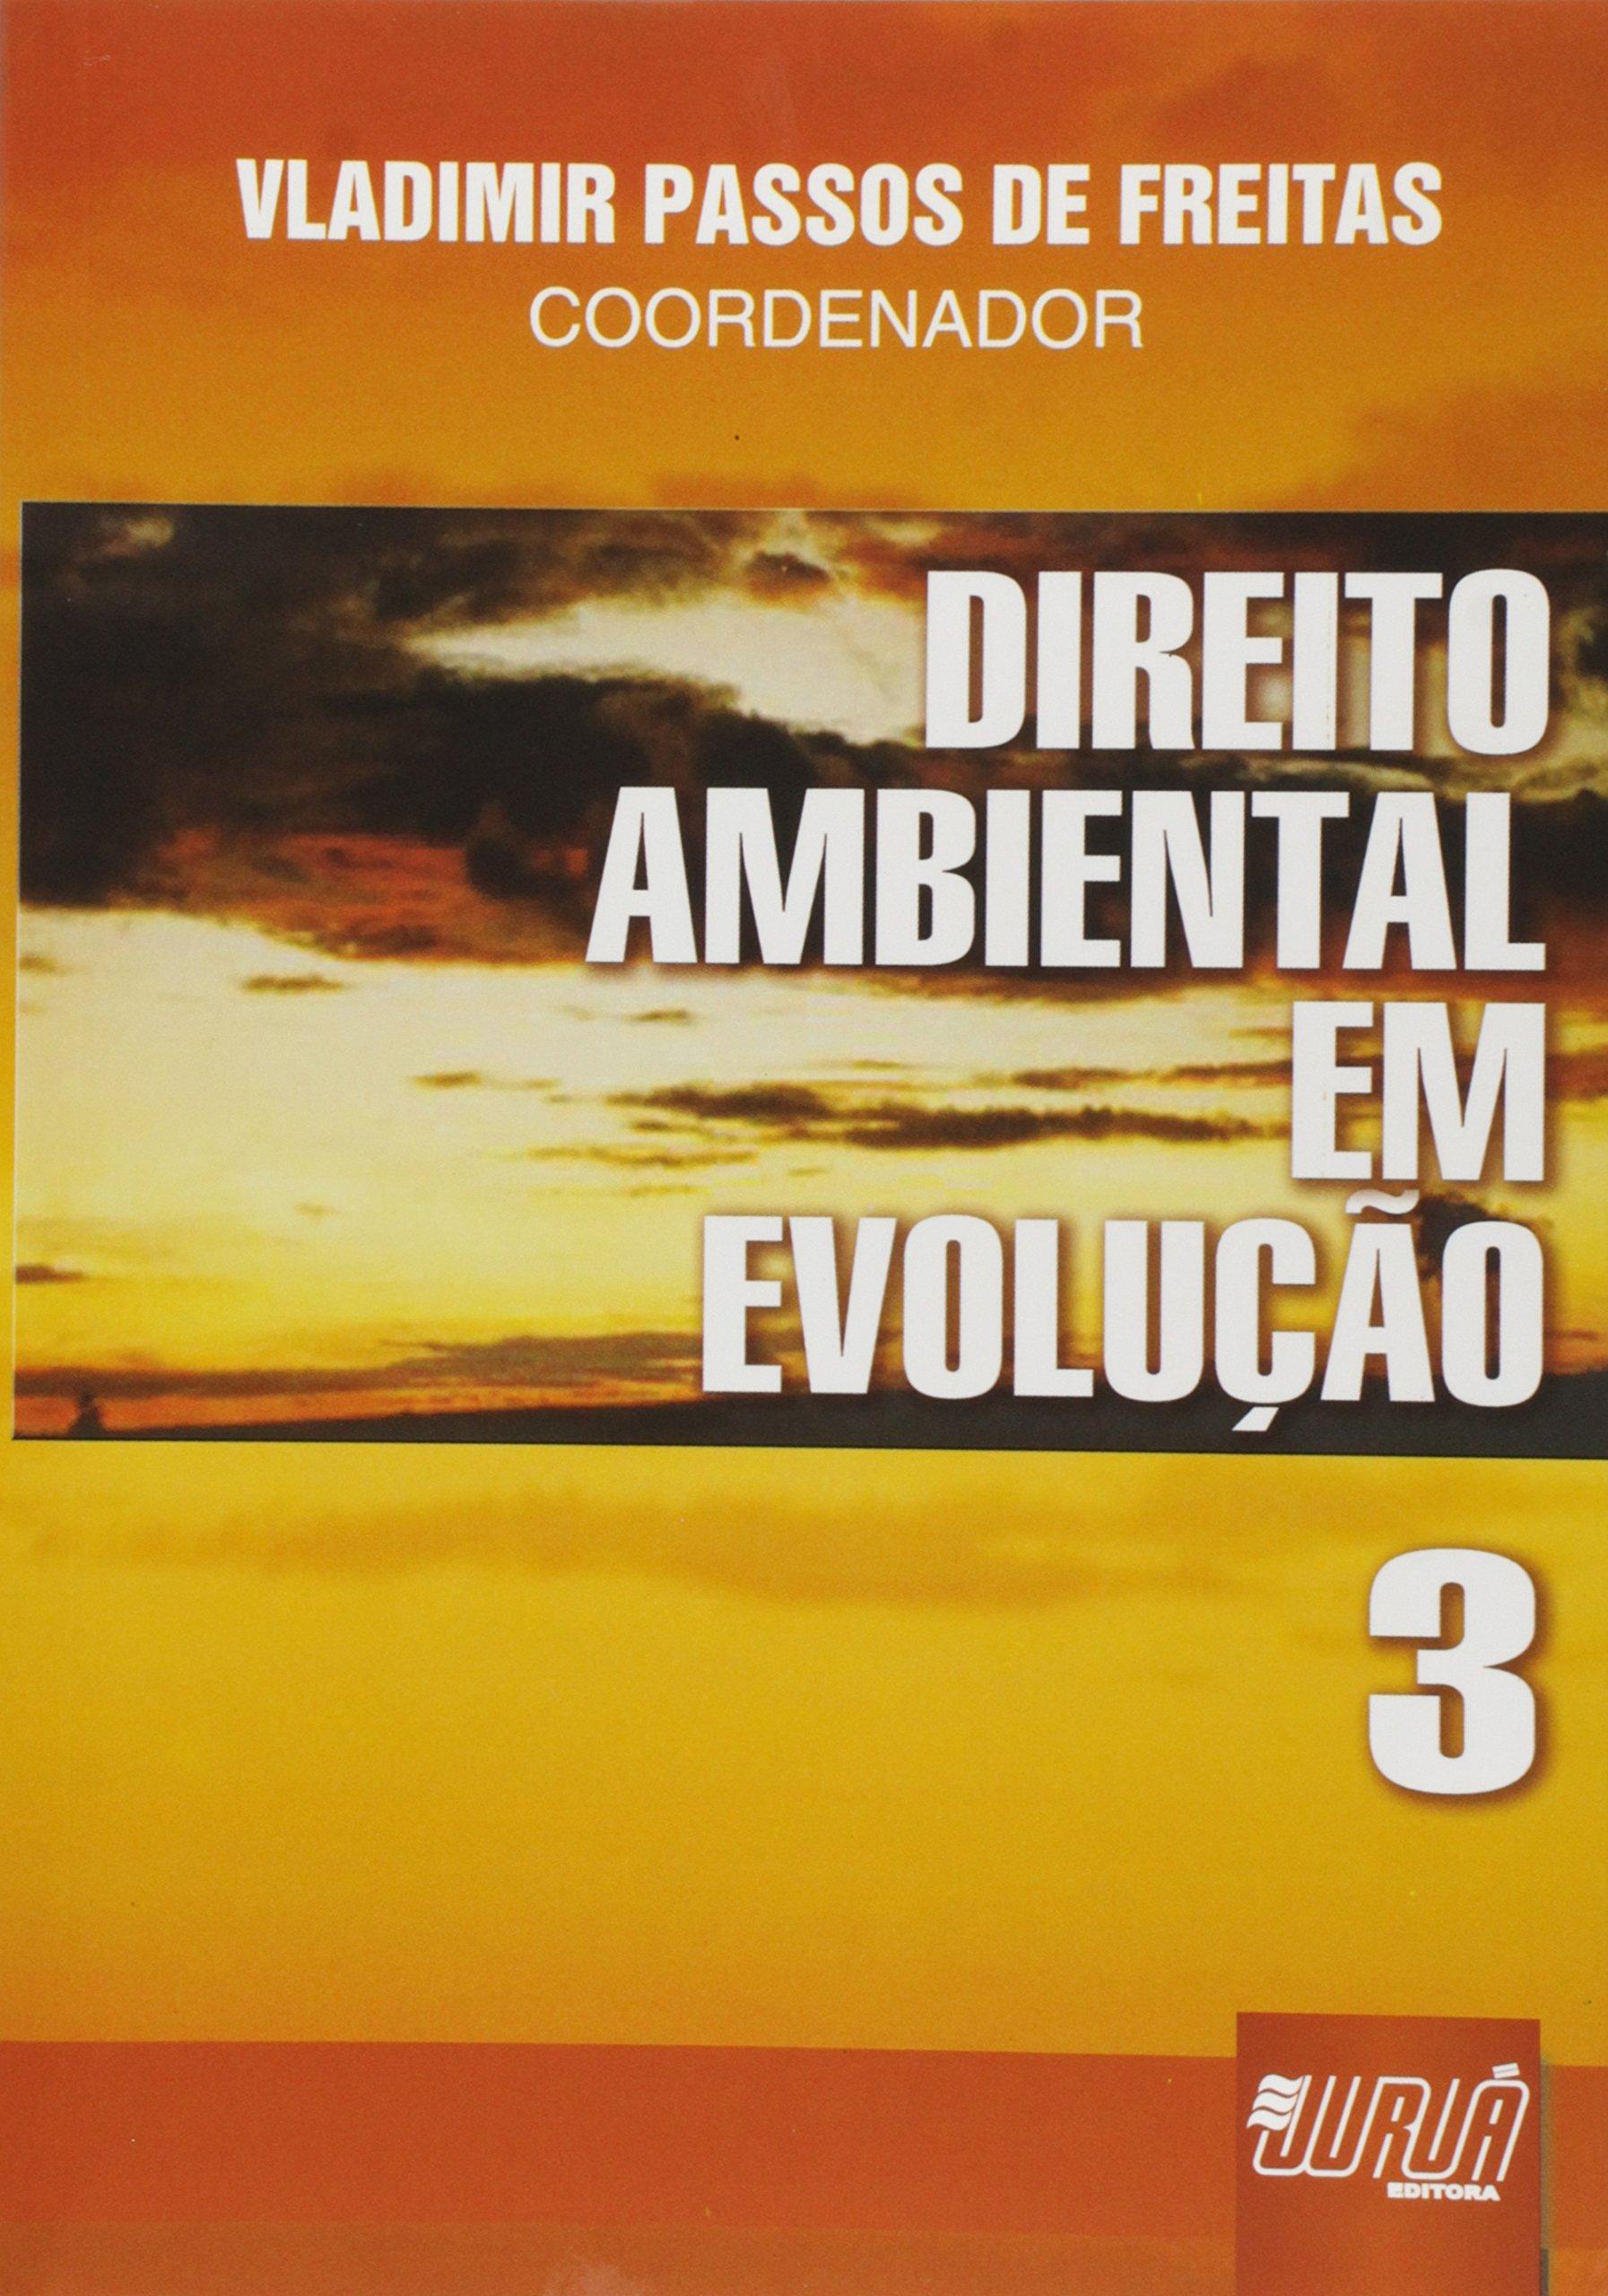 Direito Ambiental em Evolução - Volume 3 PDF